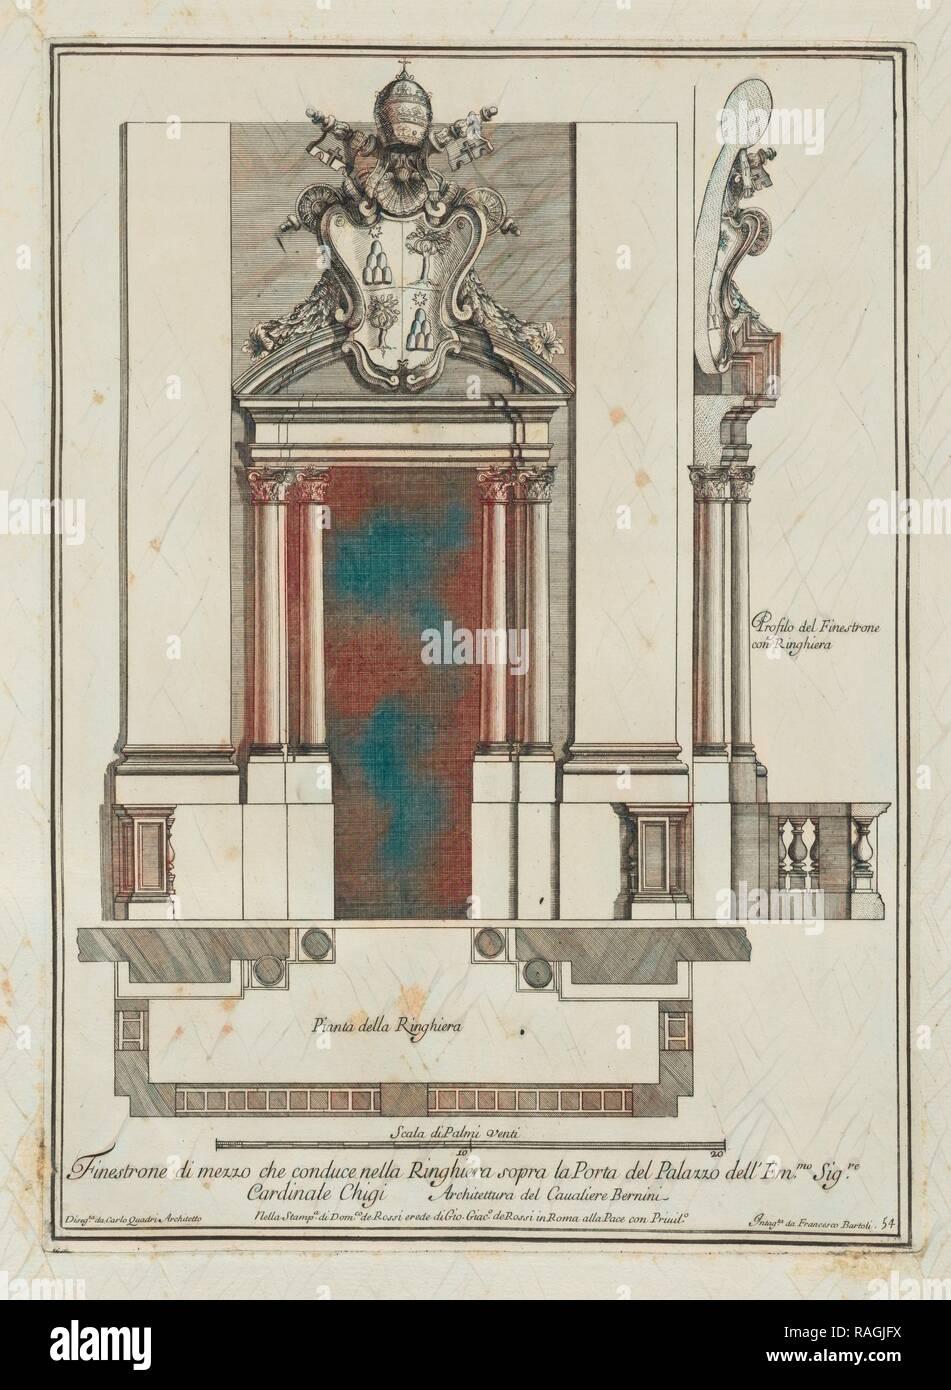 Finestrone di mezzo che conduce nella ringhiera sopra la porta del palazzo dell' Emmo. Sigre. Cardinale Chigi, Stvdio reimagined - Stock Image